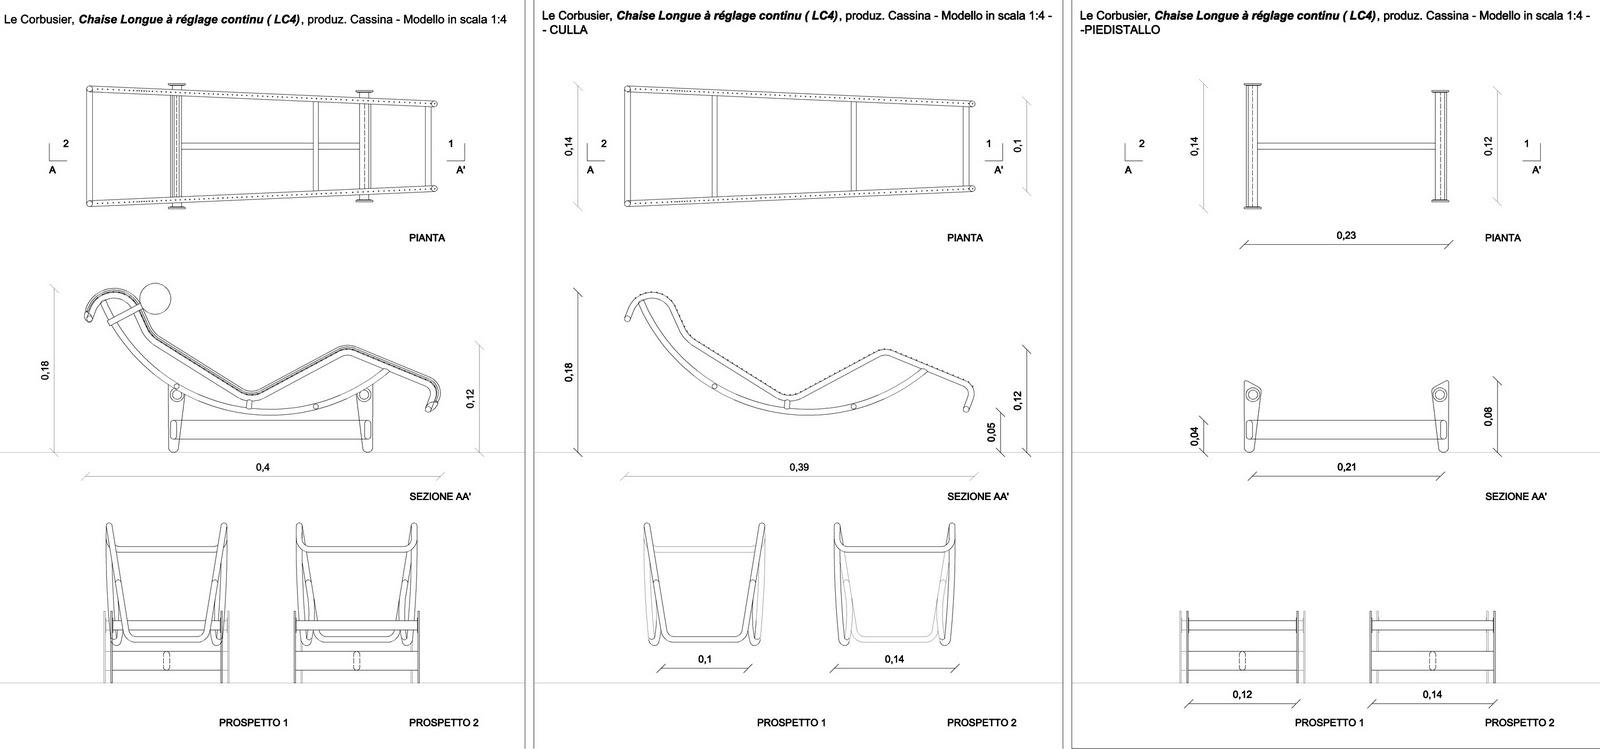 divano chaise longue dimensioni idee per il design della casa. Black Bedroom Furniture Sets. Home Design Ideas